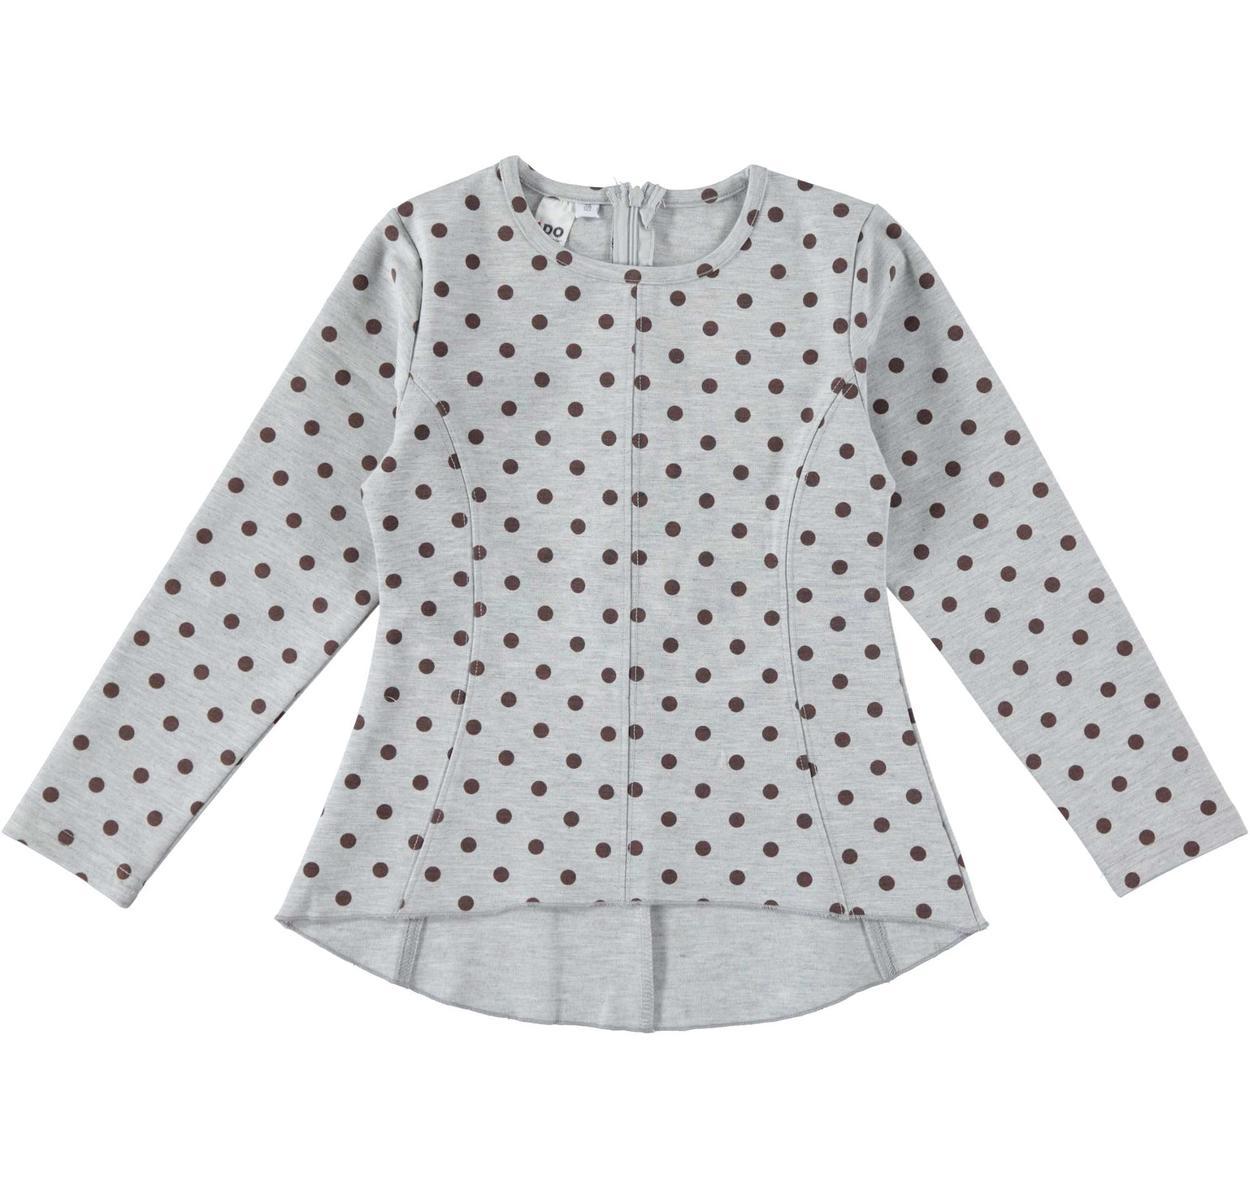 Maglietta bambina a manica lunga in punto milano vestibilità da 3 a 16 anni  iDO 0d5b84cf1fd